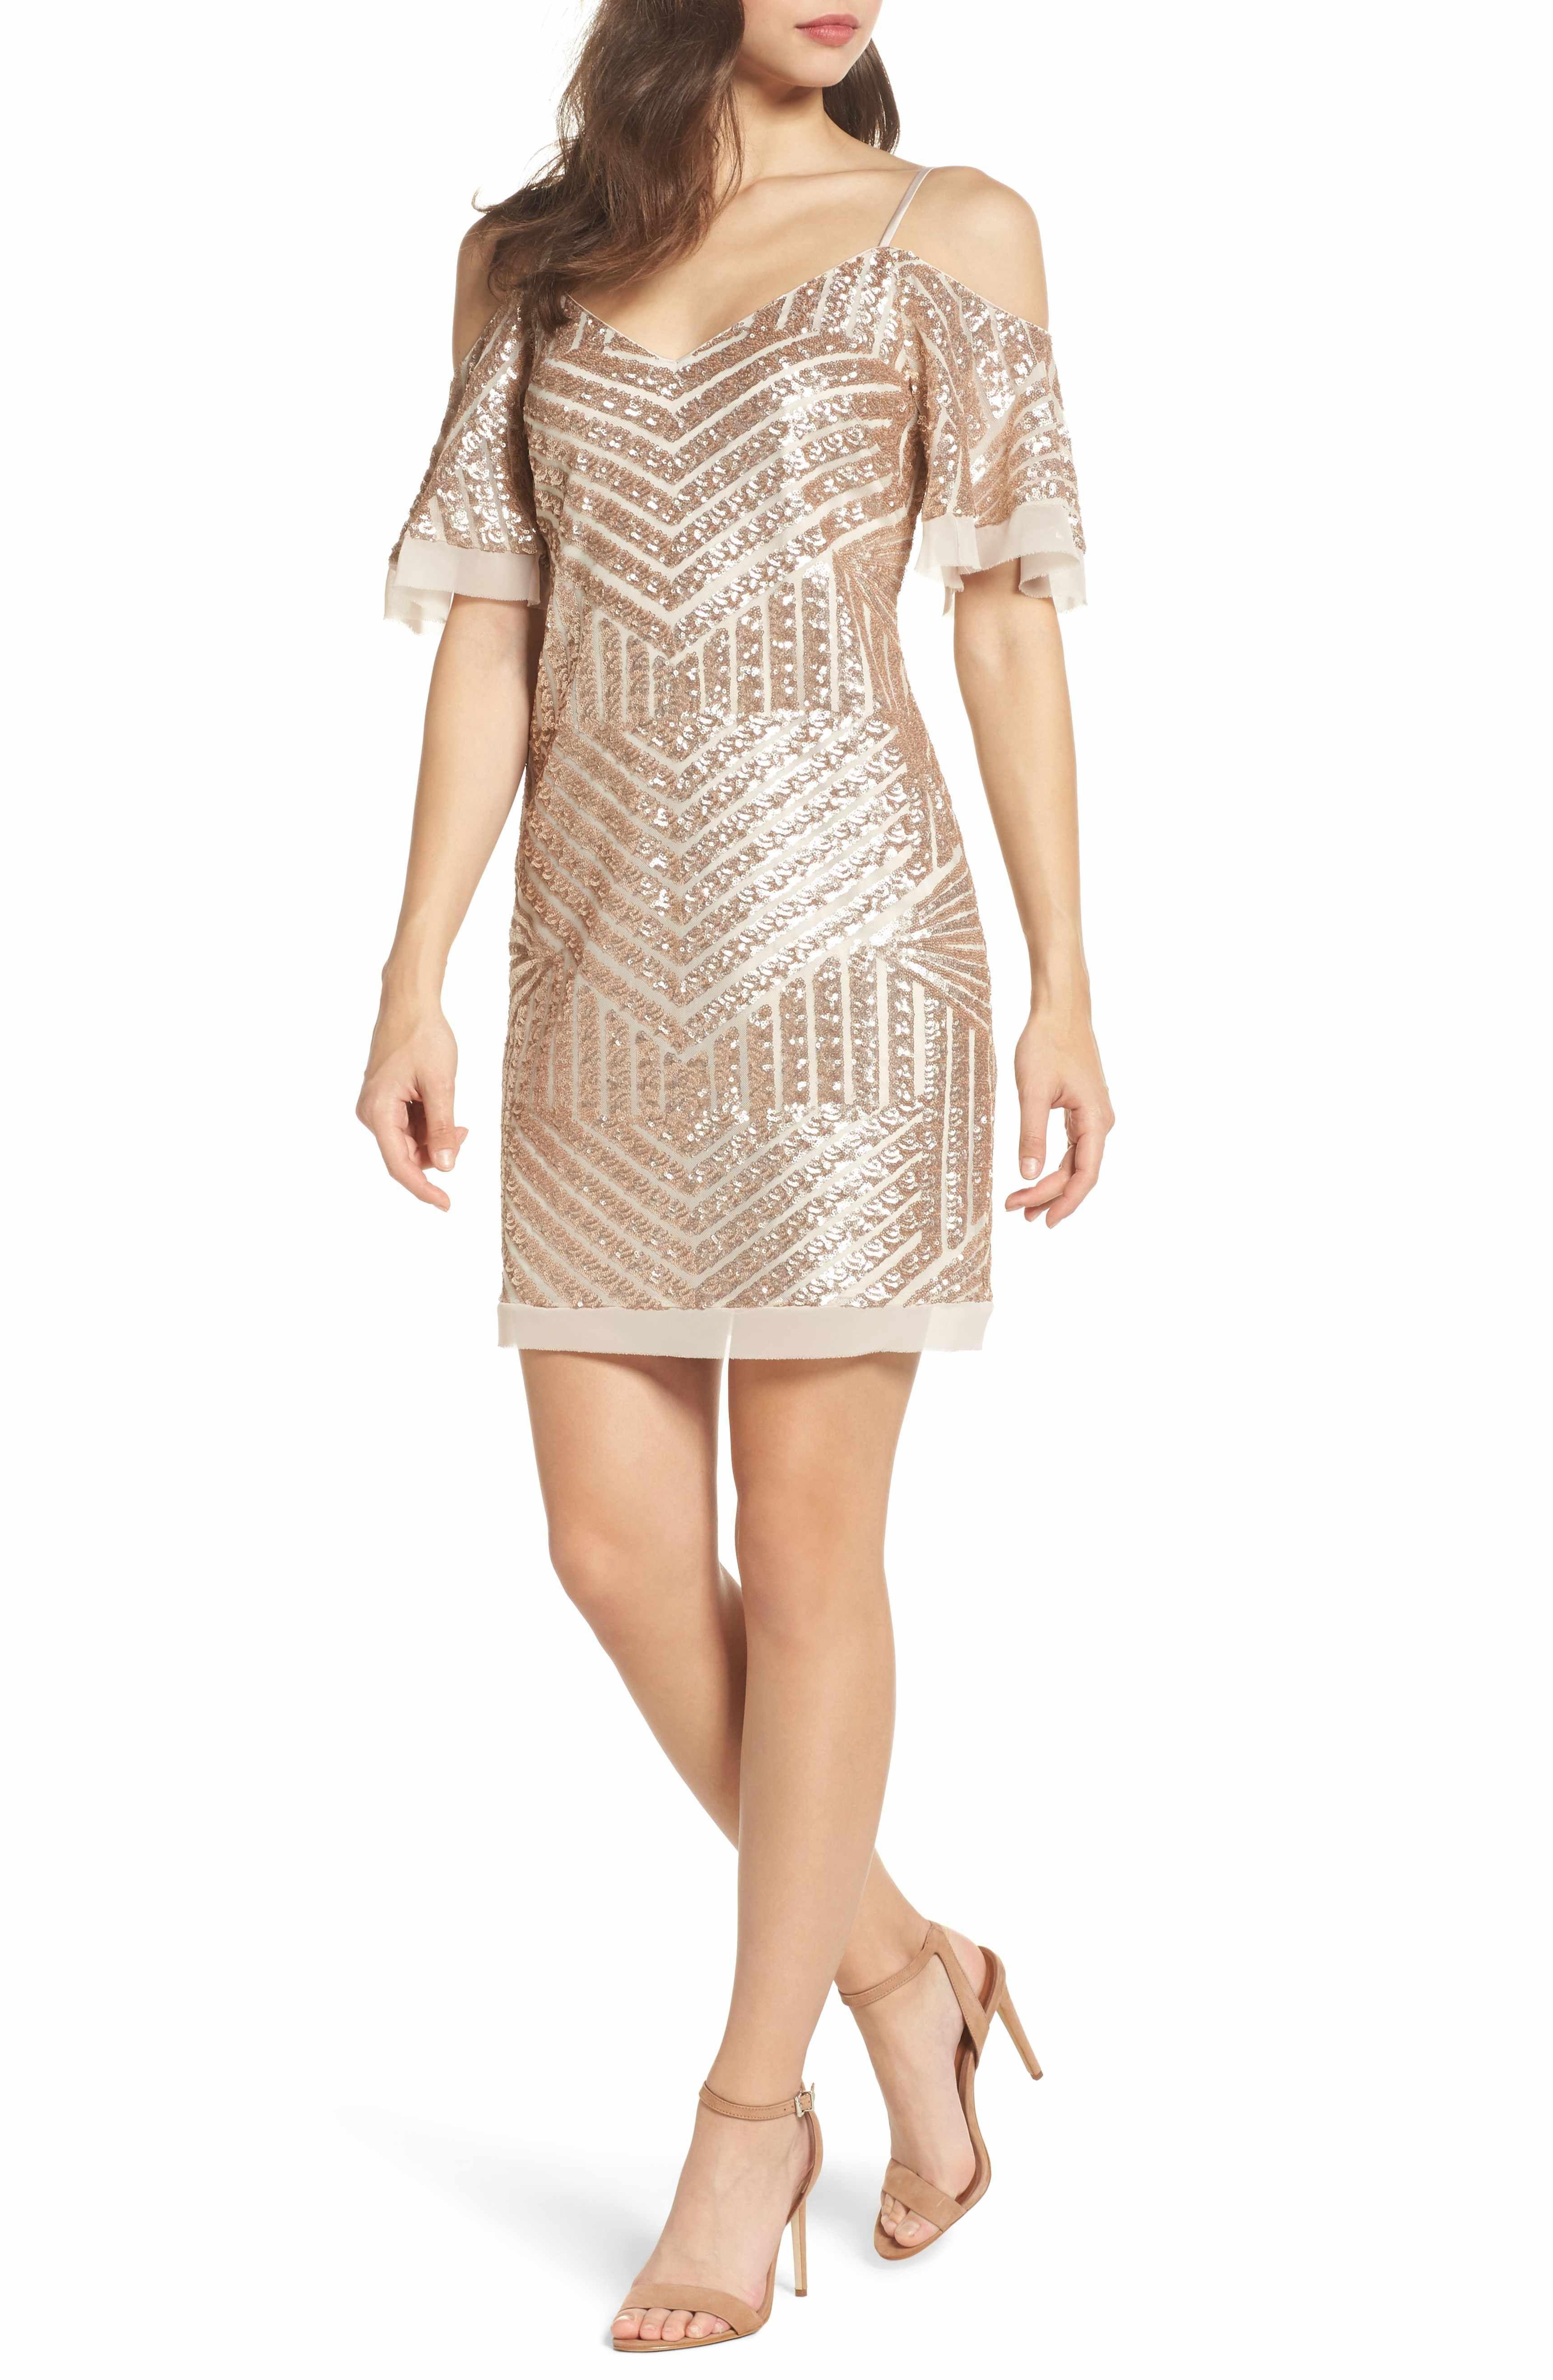 Vince Camuto Sequin Cold Shoulder Dress Regular Petite Nordstrom Dresses Womens Cocktail Dresses Cold Shoulder Dress [ 5272 x 3440 Pixel ]